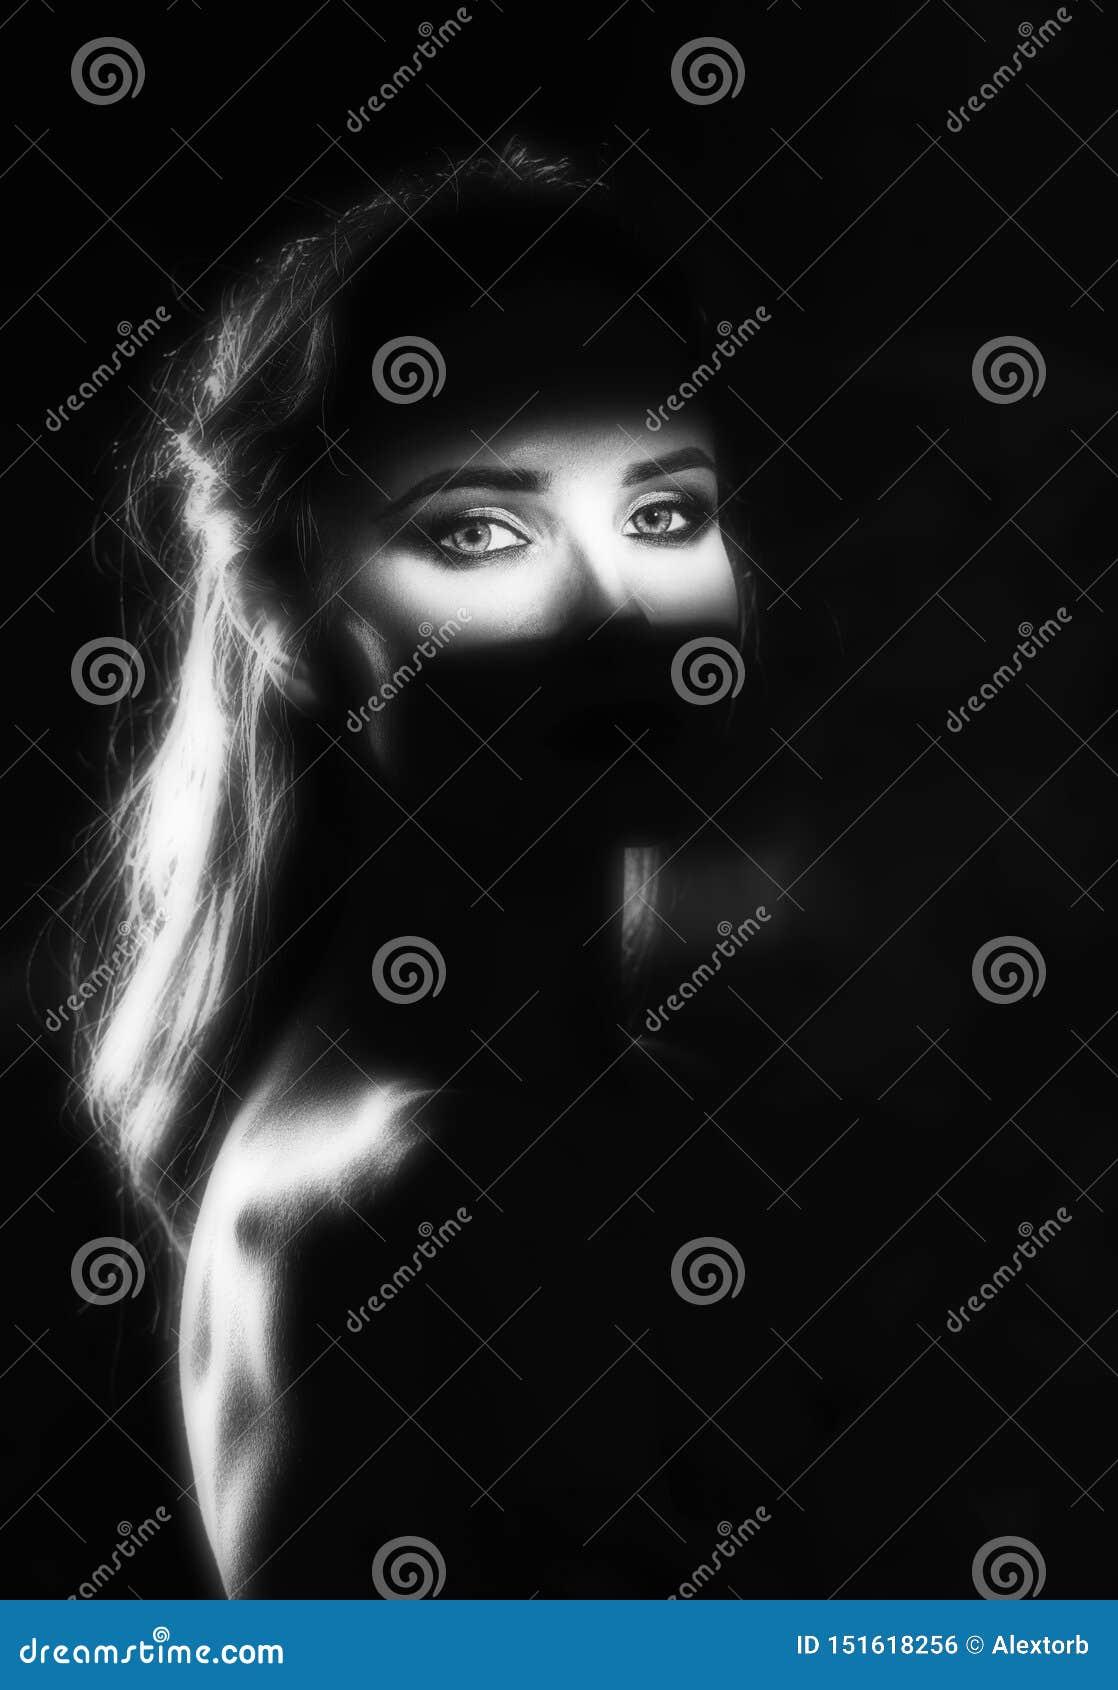 Piękny dziewczyna model z czerwonymi wargami uzupełnia i nadzy ramiona w cieniu z zaświecającą sylwetką i paskiem światło,